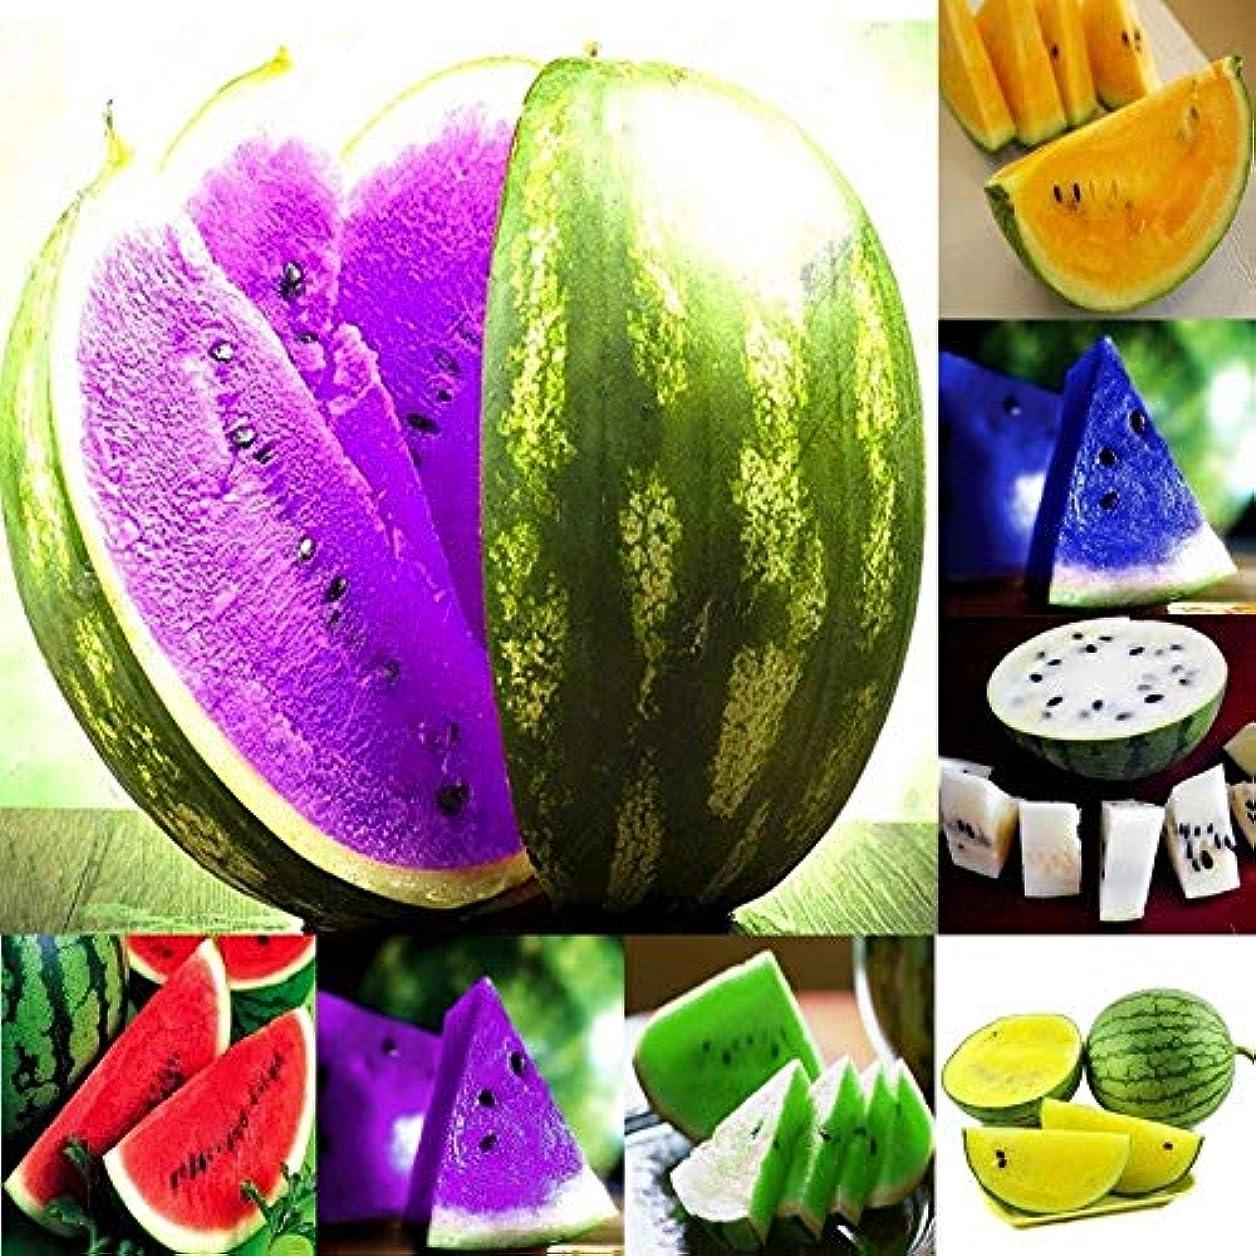 愛情深い前奏曲報酬の6ホワイト:新スウィートフルーツ種子スイカの種子オレンジイエローパープルグリーン10Xの7種類